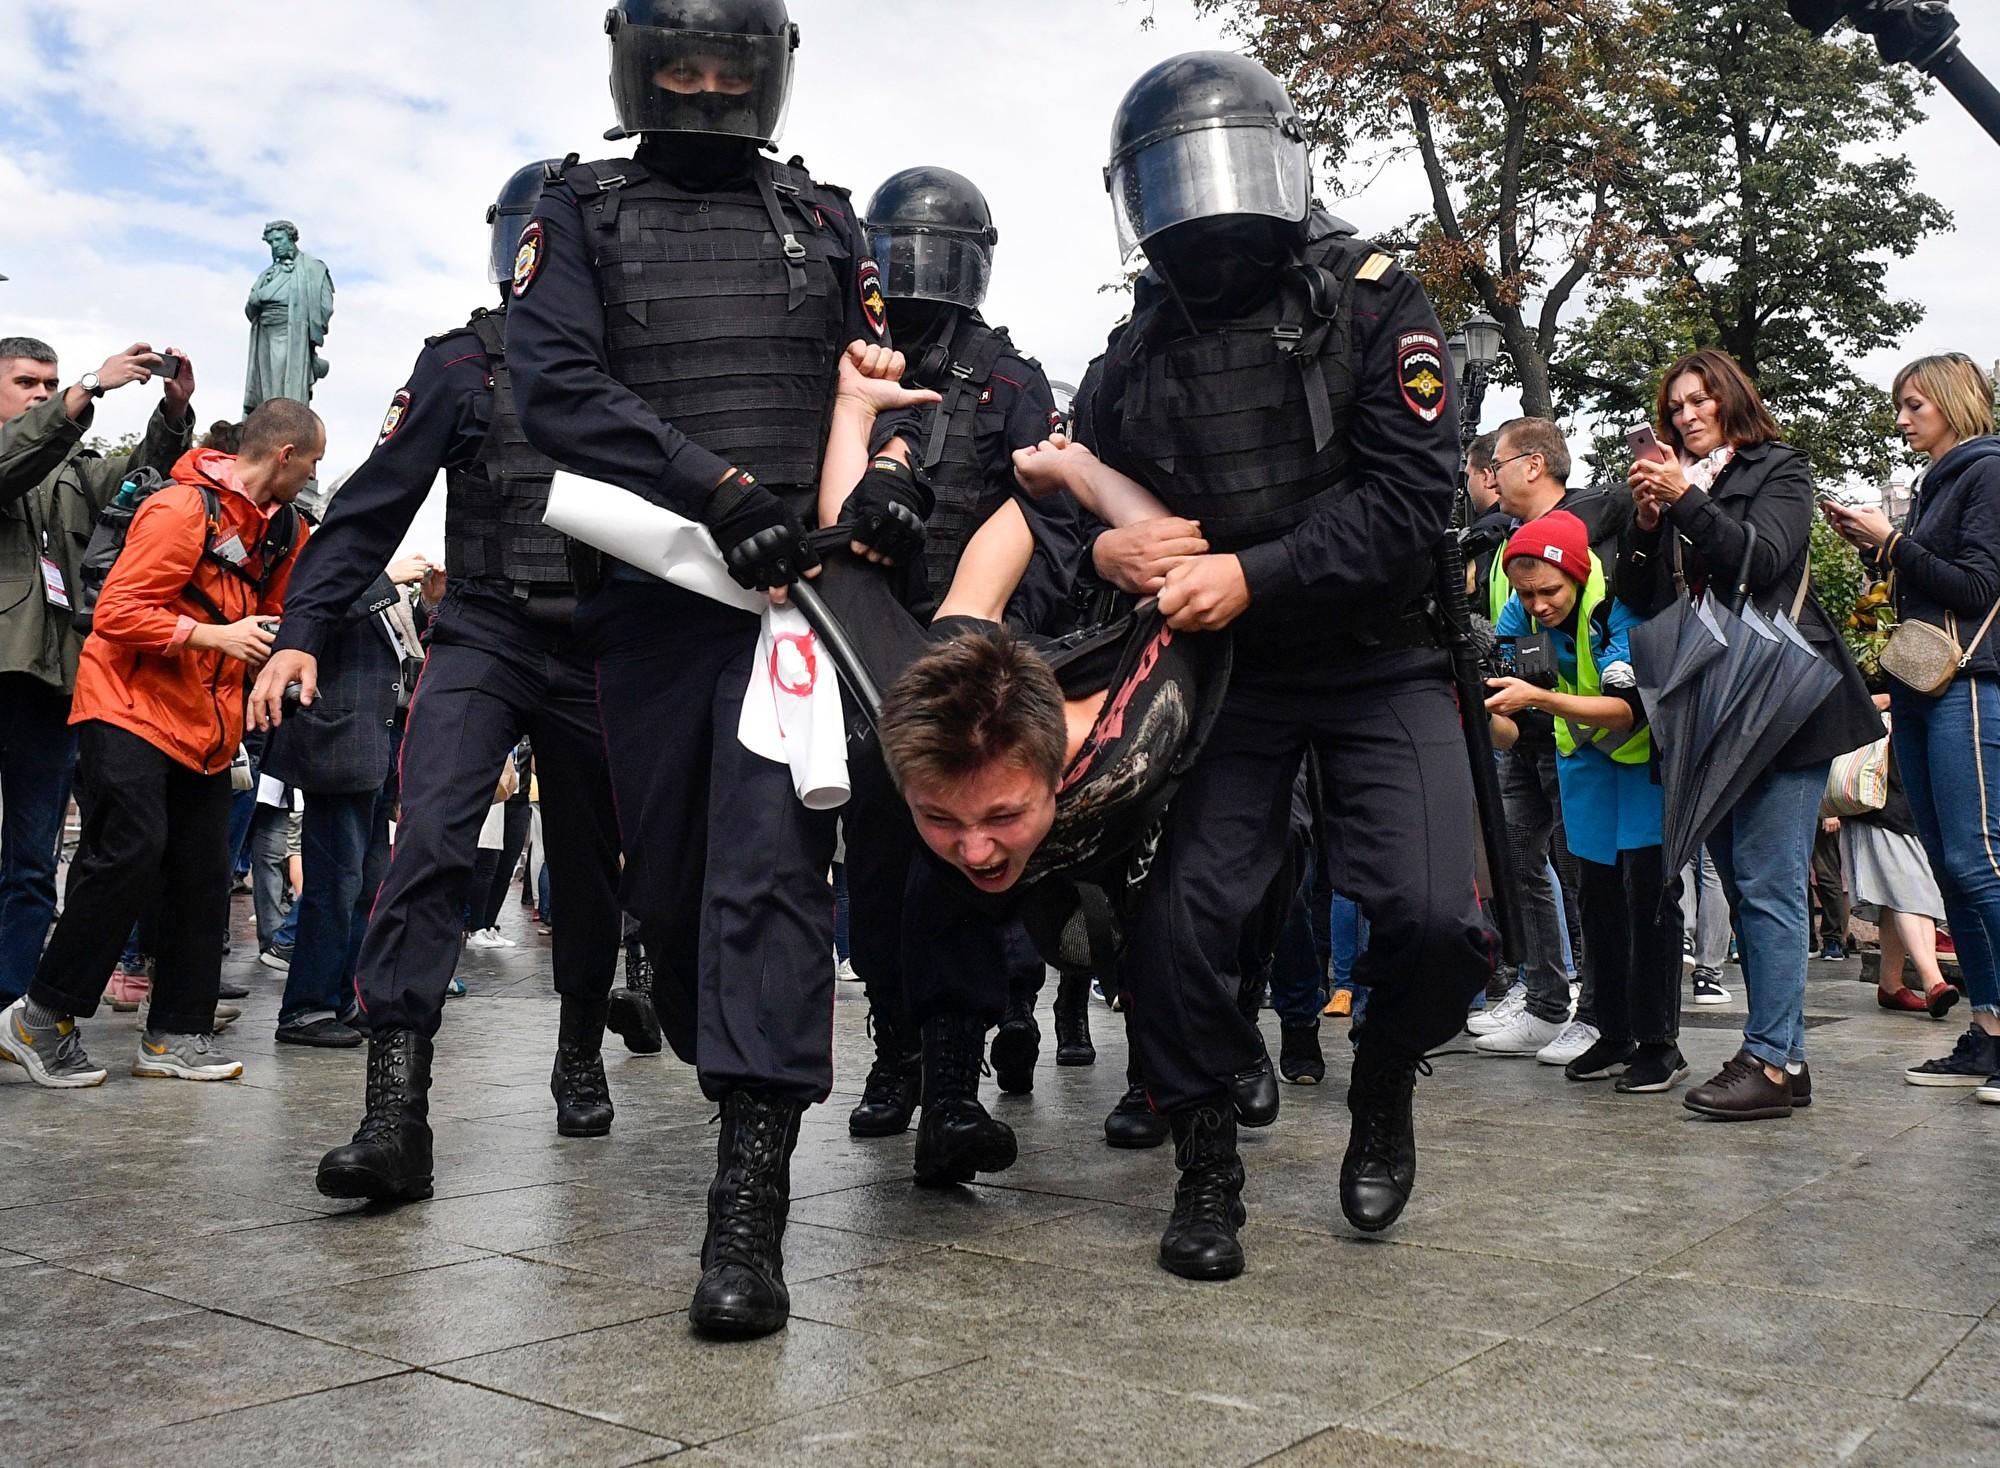 2019年8月3日,莫斯科普希金廣場,防暴警察拘留一名參加未經官方批准抗議集會的男子,該集會要求進行公正的選舉。此前,克林姆林宮拒絕讓受歡迎的反對派候選人參加下個月的市議會選舉。為此,民眾開展了一系列的抗議活動。(ALEXANDER NEMENOV/AFP/Getty Images)